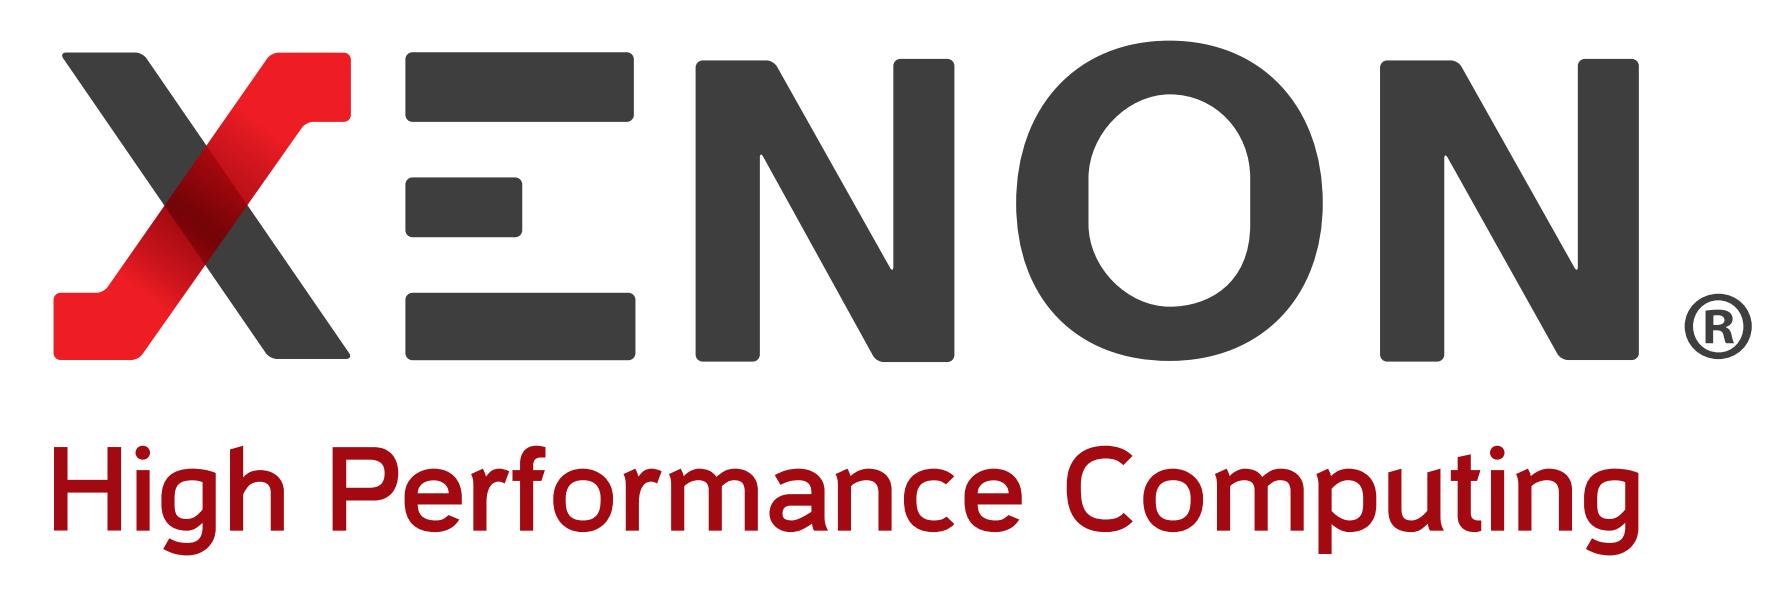 XENON Systems